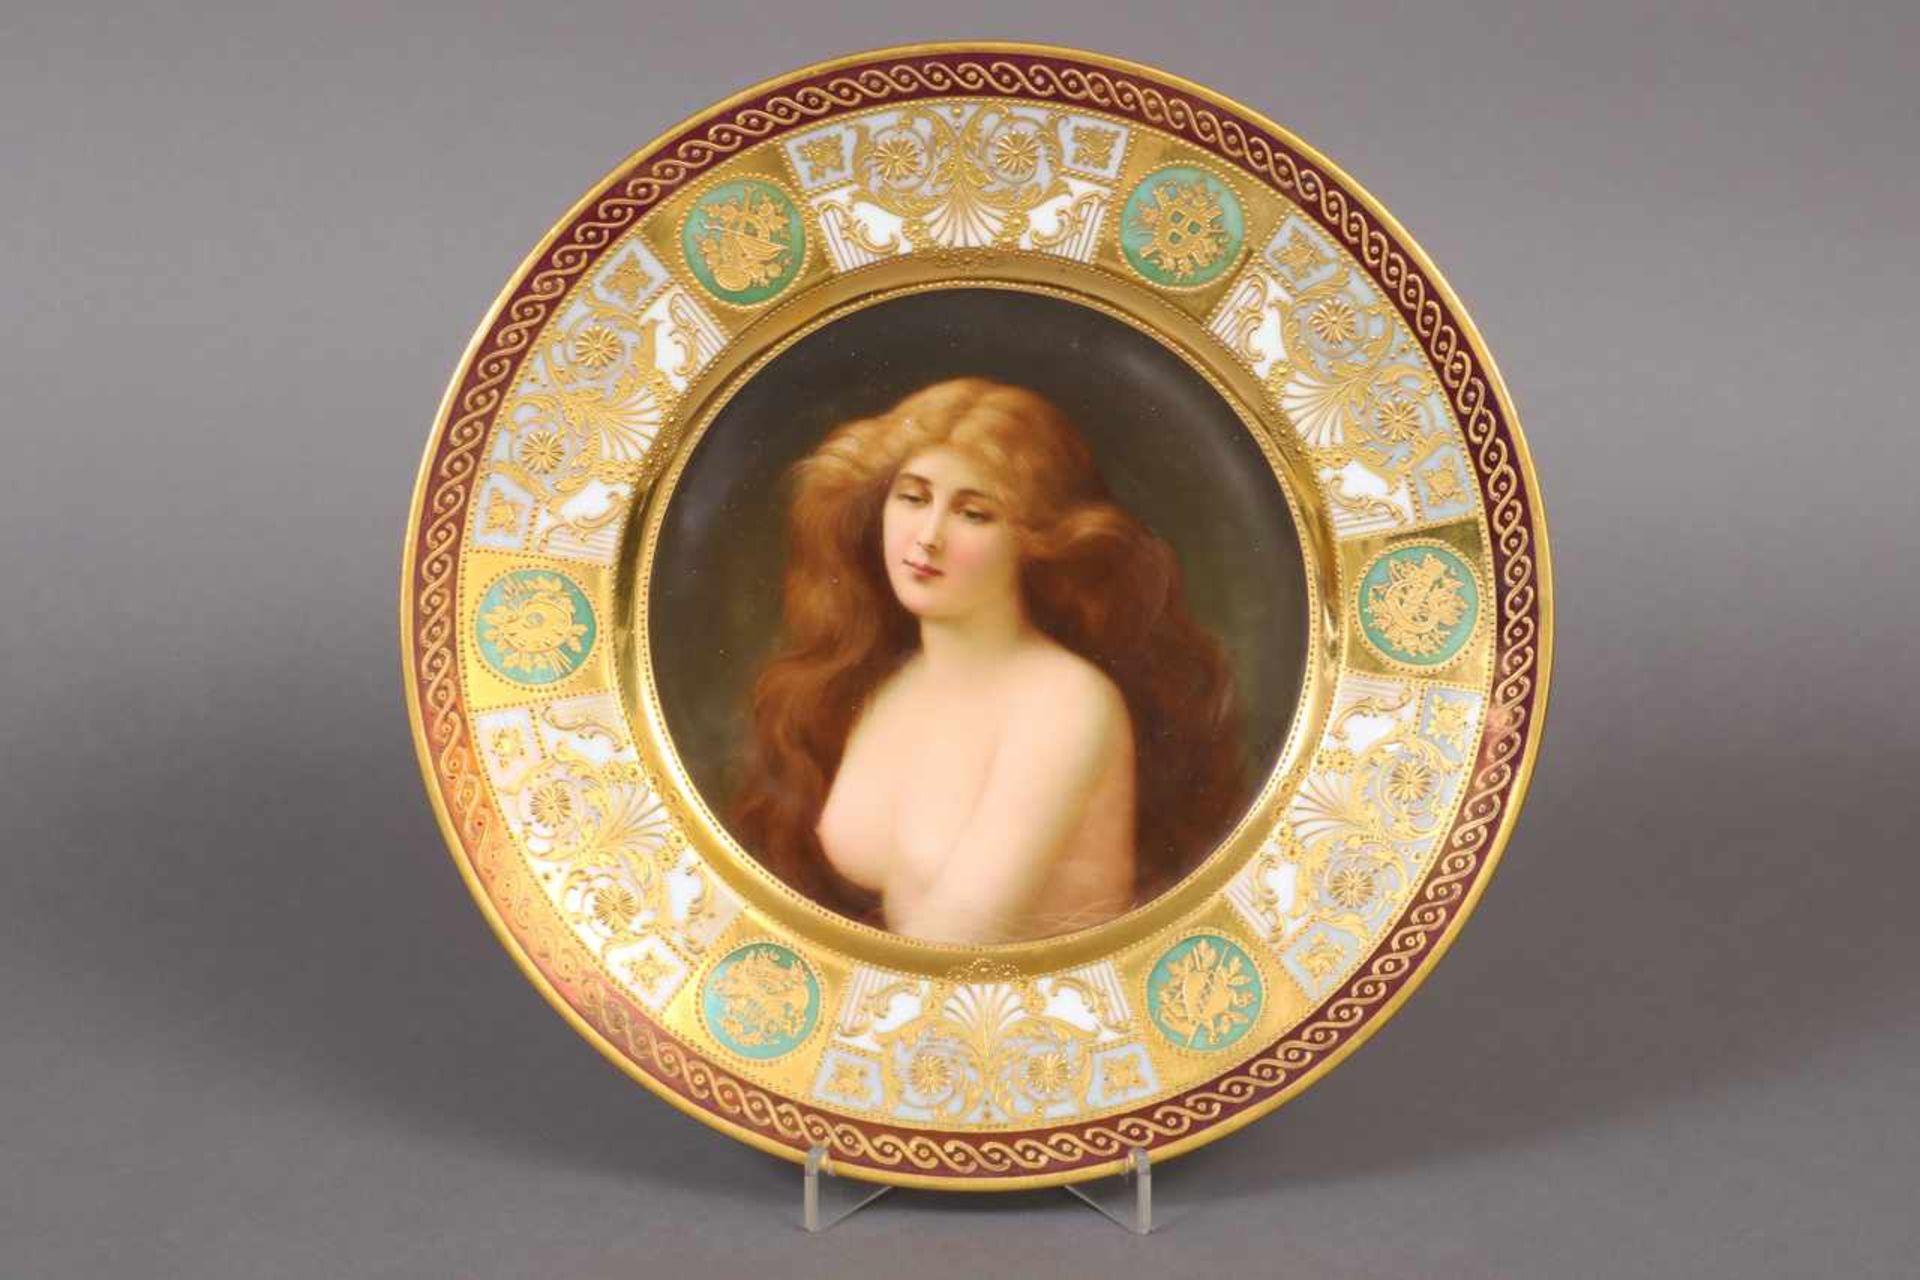 Los 34 - Zierteller im Wiener Stil Anfang 20. Jhdt., im Spiegel Darstellung eines weiblichen Halbaktes, reich